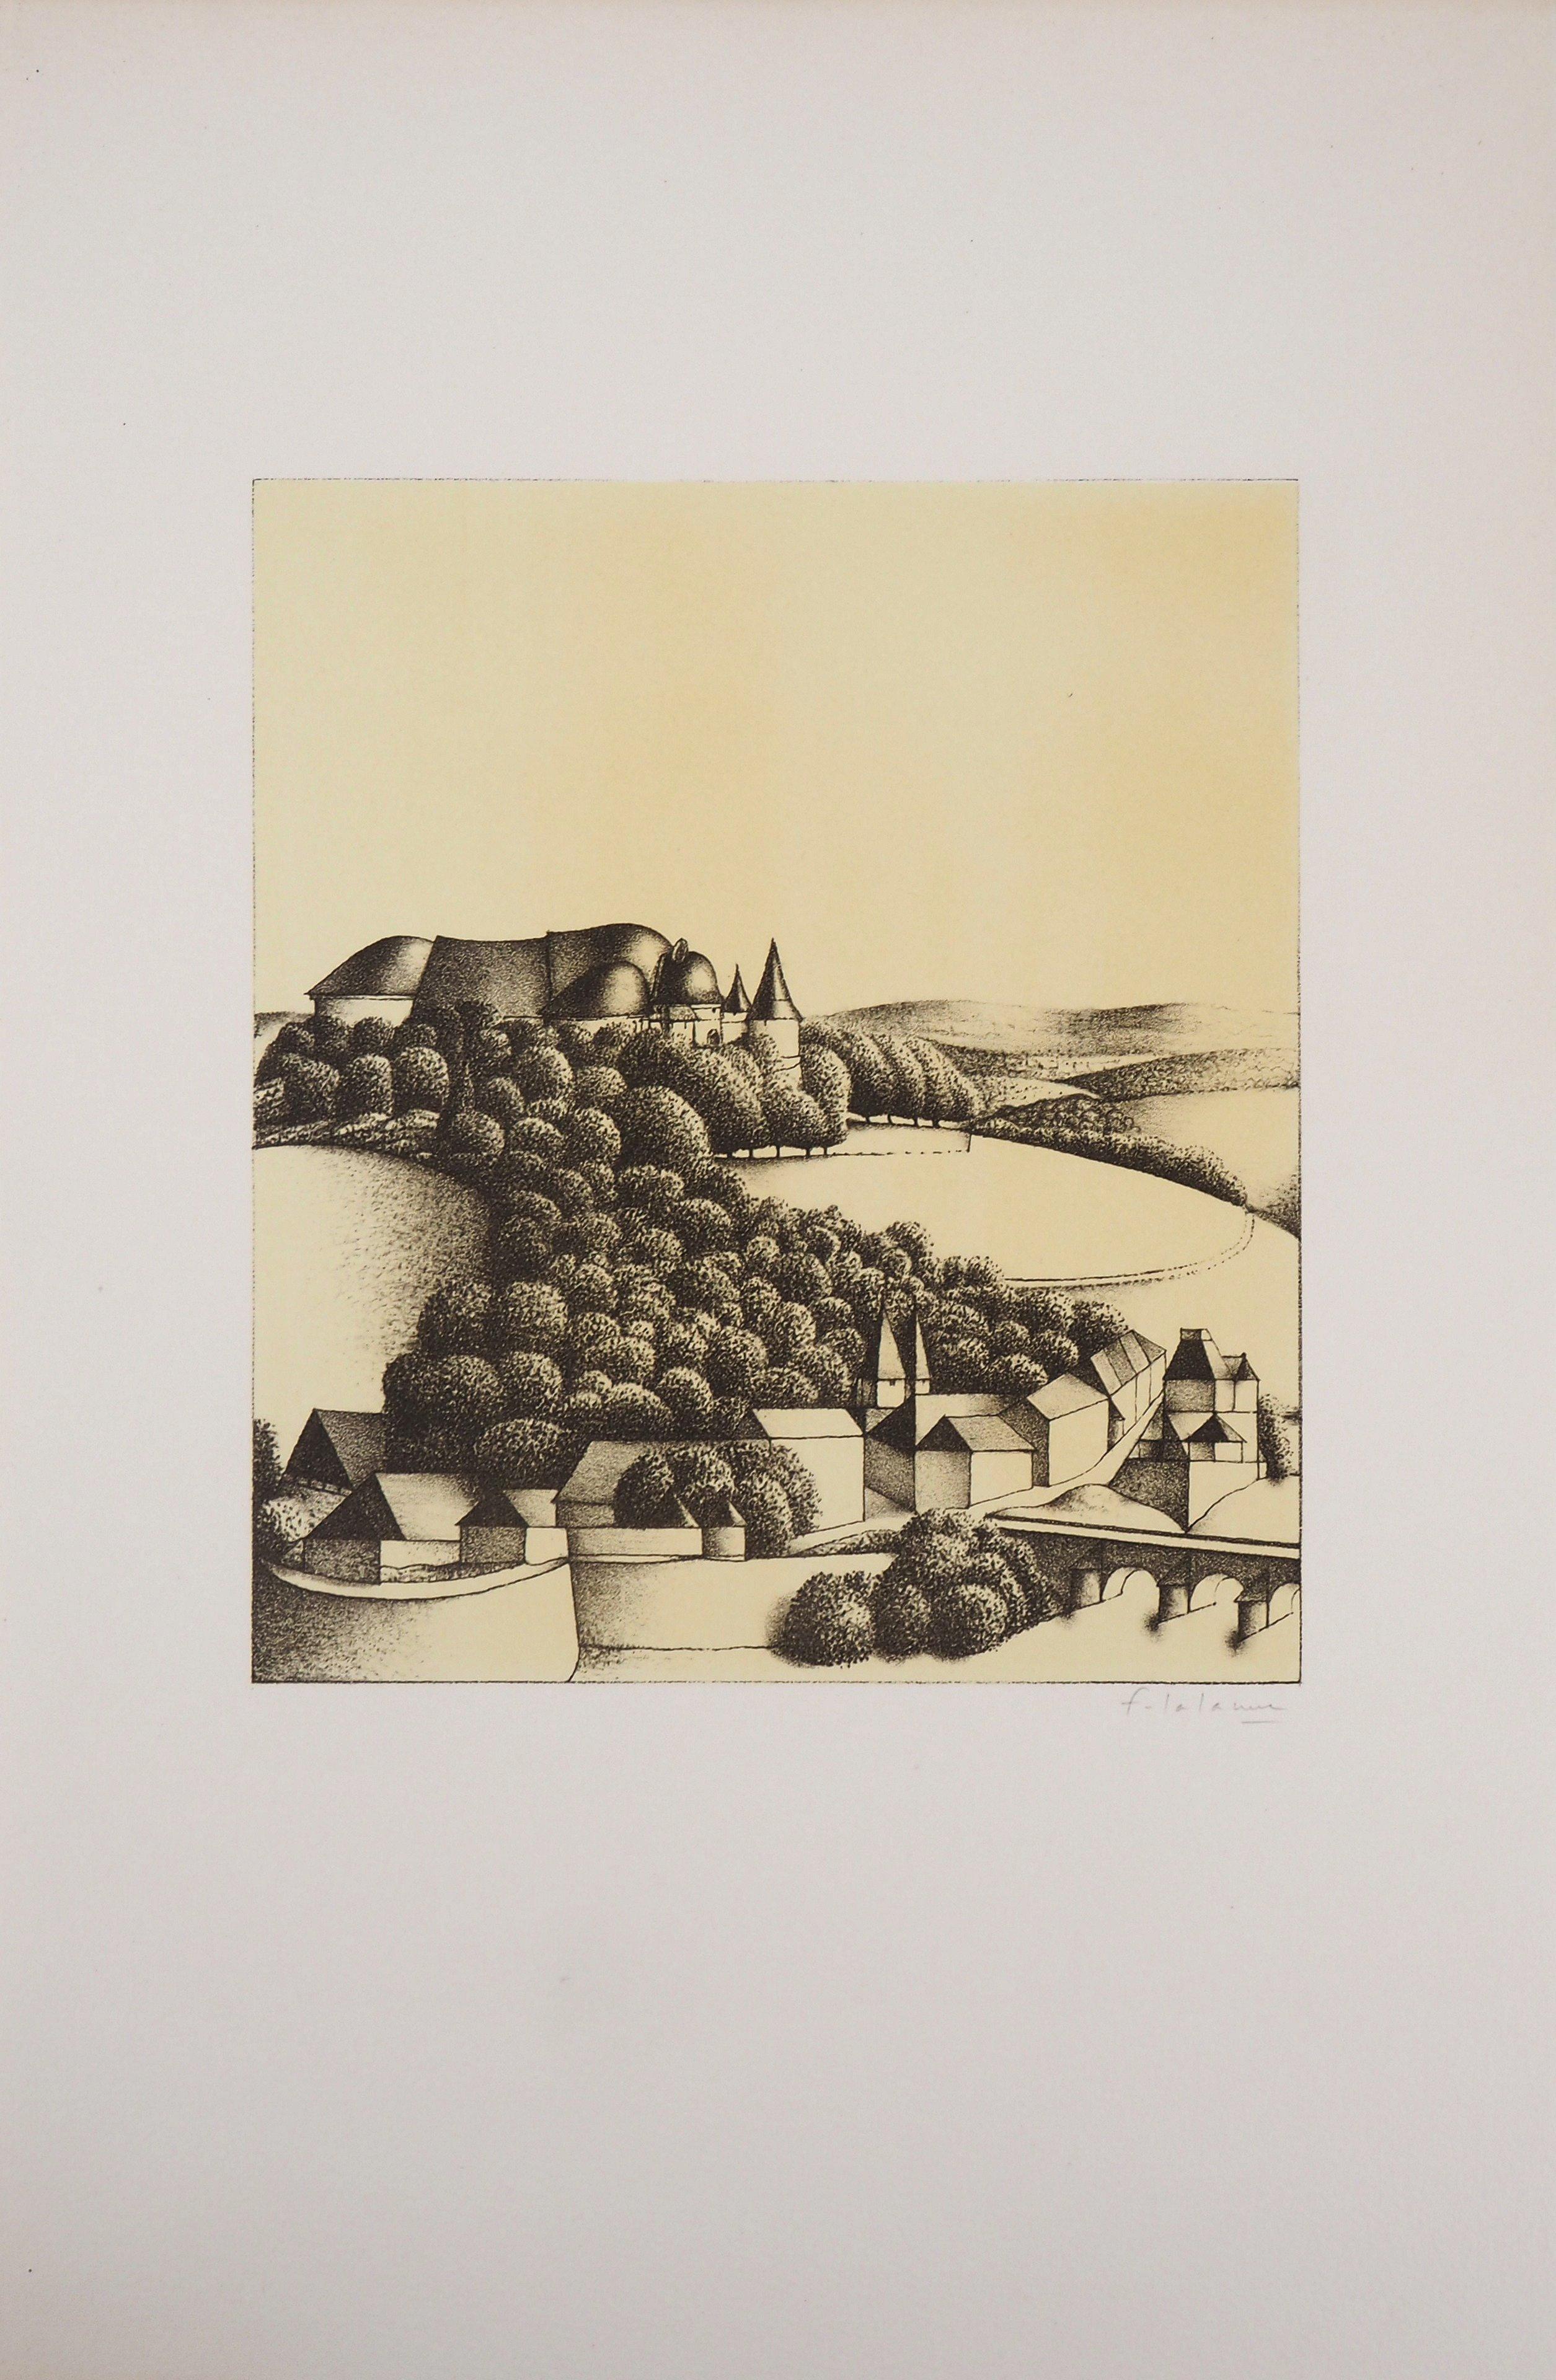 Rhino Castle  - Original lithograph, Handsigned